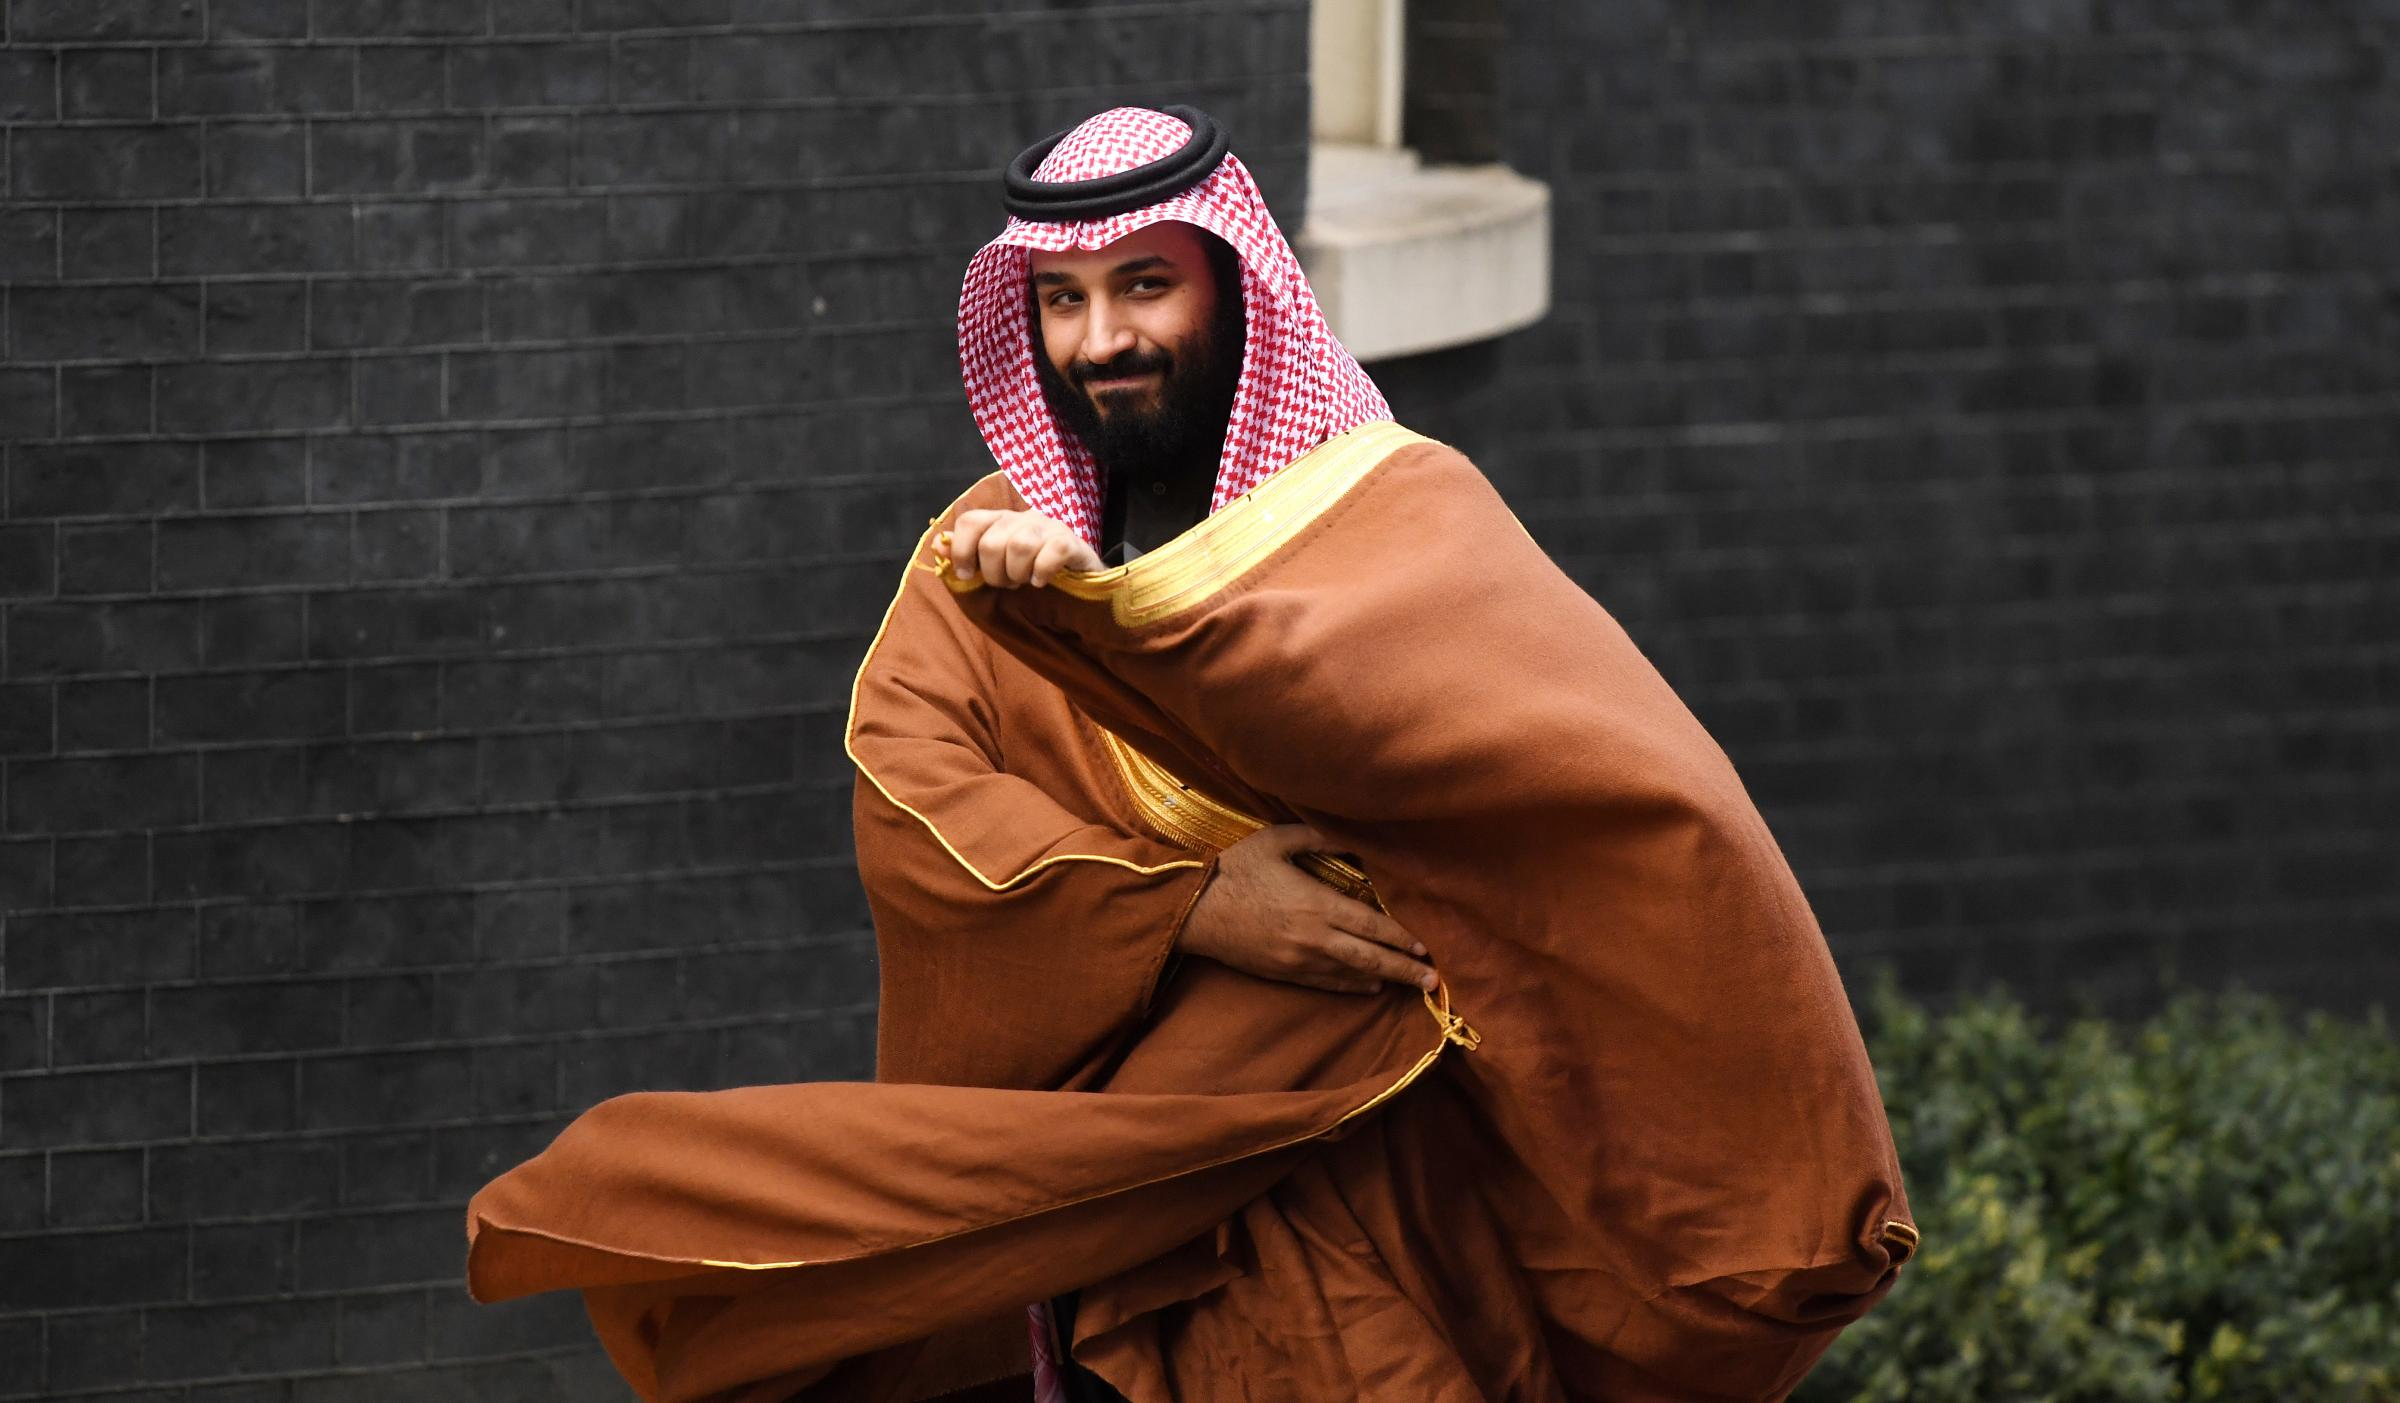 Putra mahkota Saudi pernah berbicara tentang membunuh mendiang raja – mantan kepala keamanan